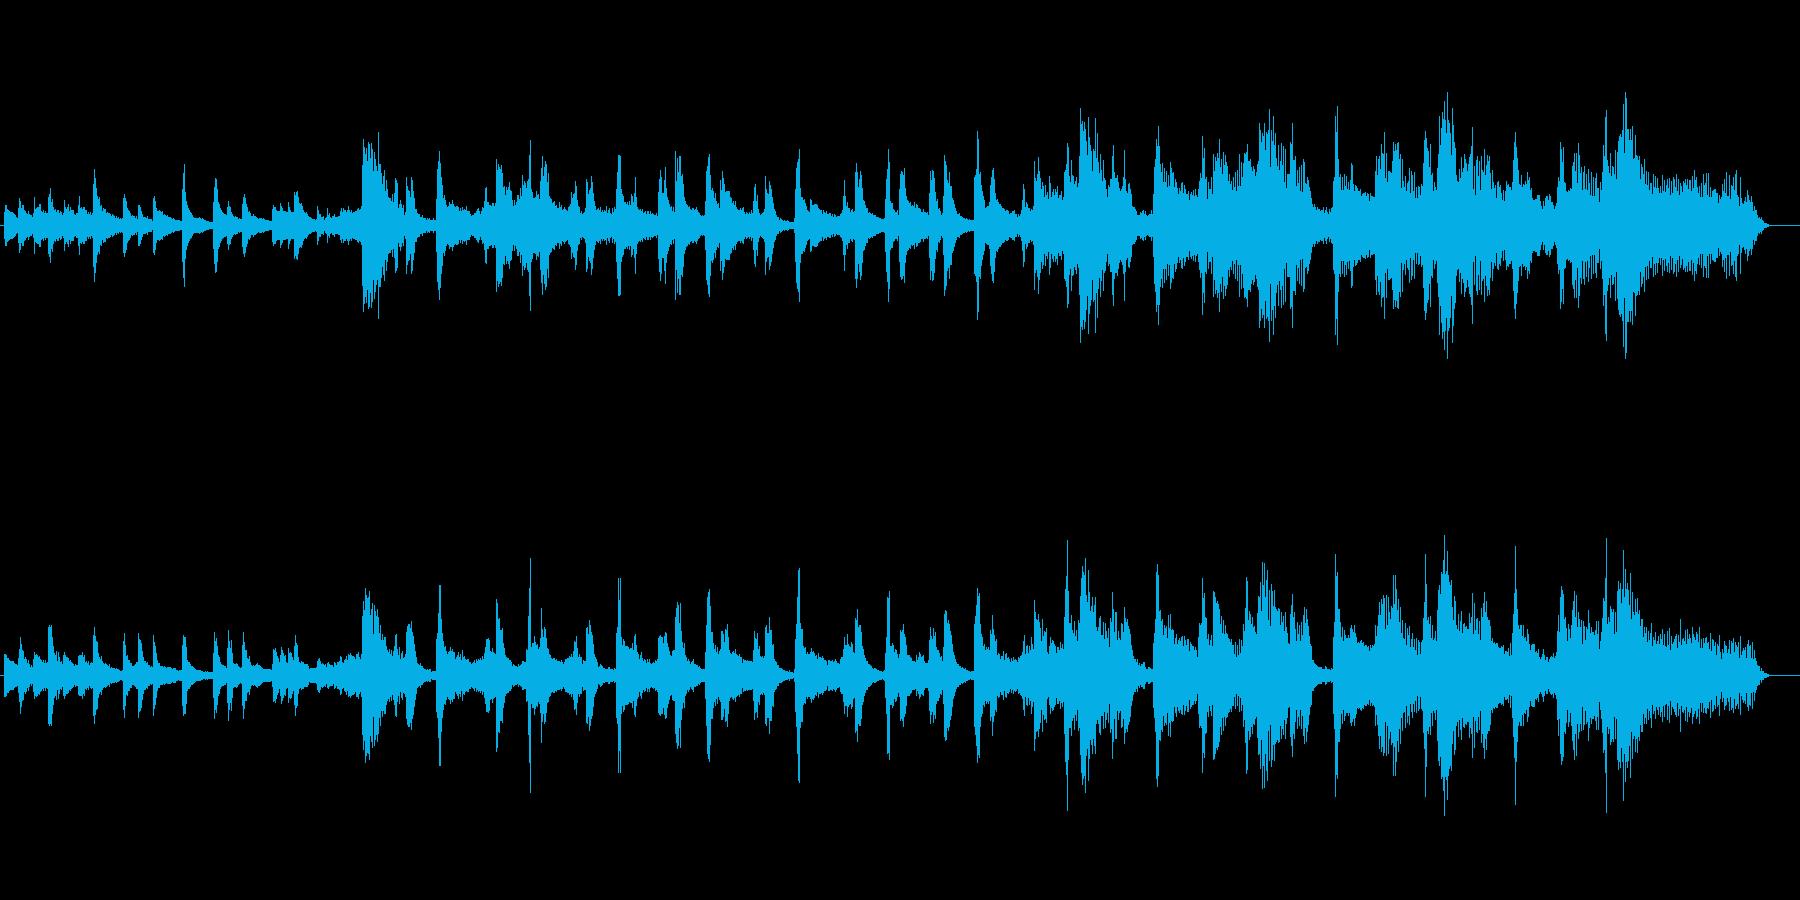 和風琴春ポップ横ノリ可愛いオルガンの再生済みの波形